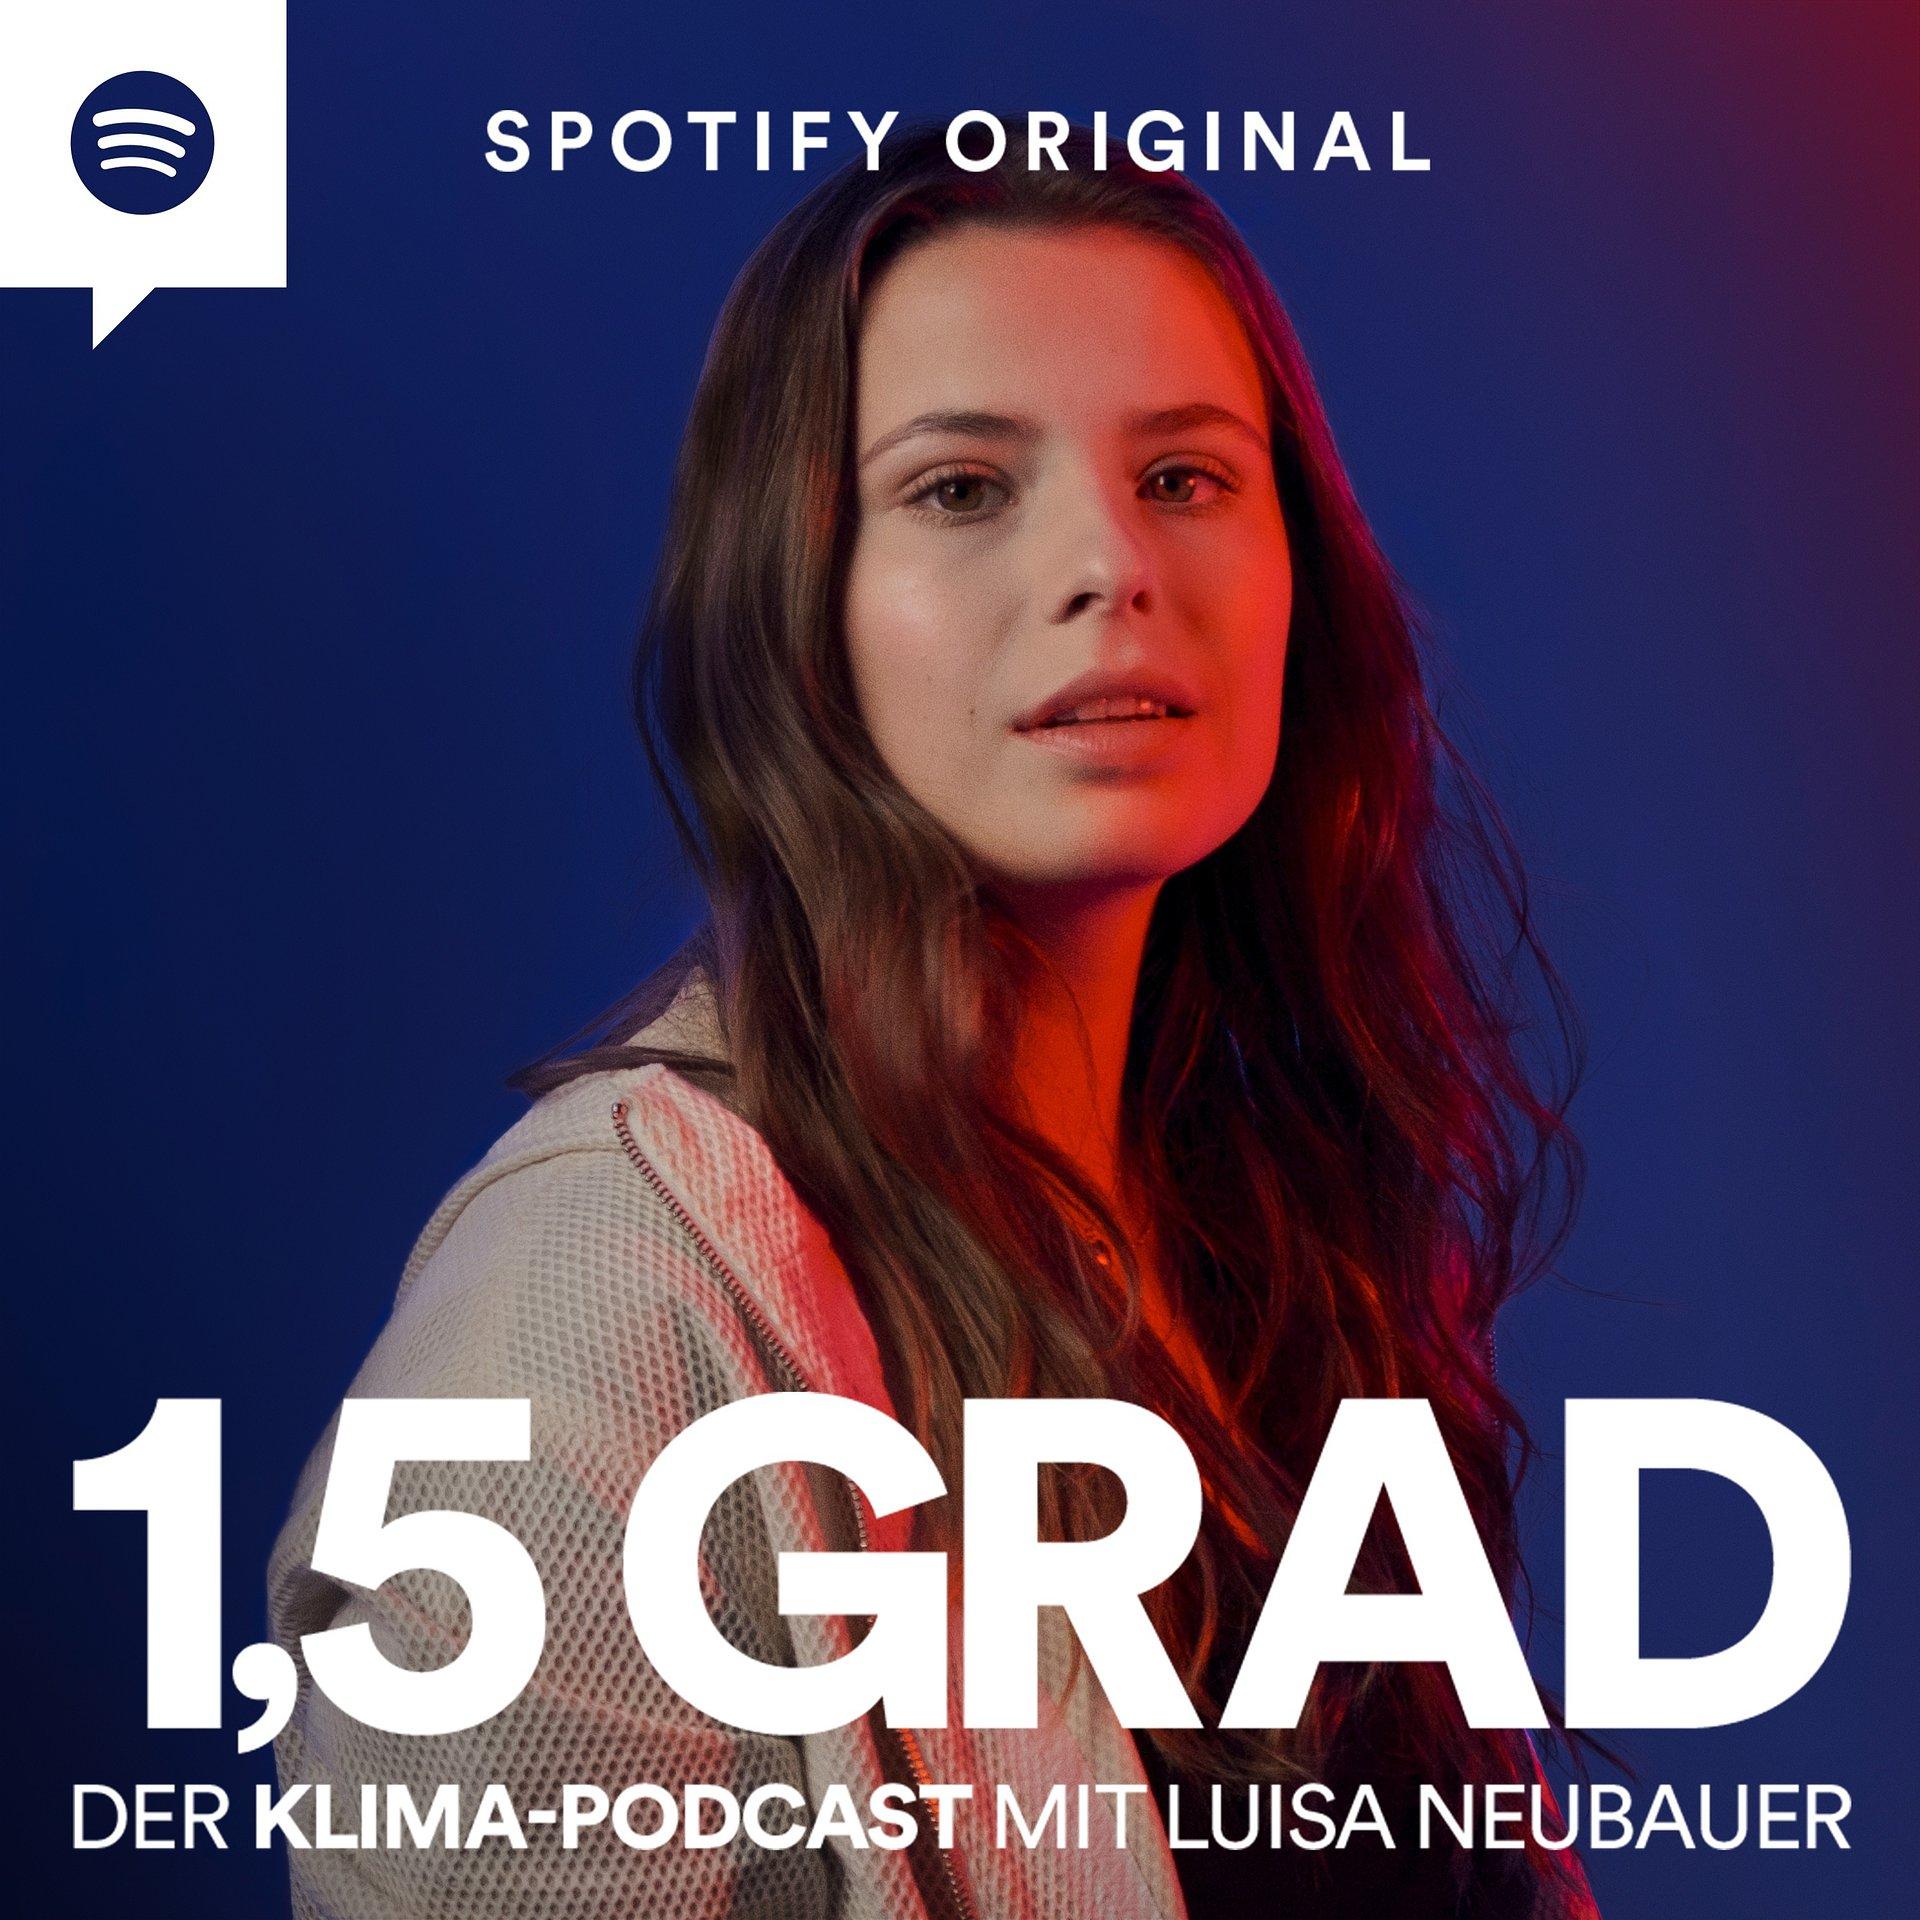 """""""1,5 Grad"""": Neuer Spotify Original Podcast mit Luisa Neubauer über die weltweite Klimakrise"""